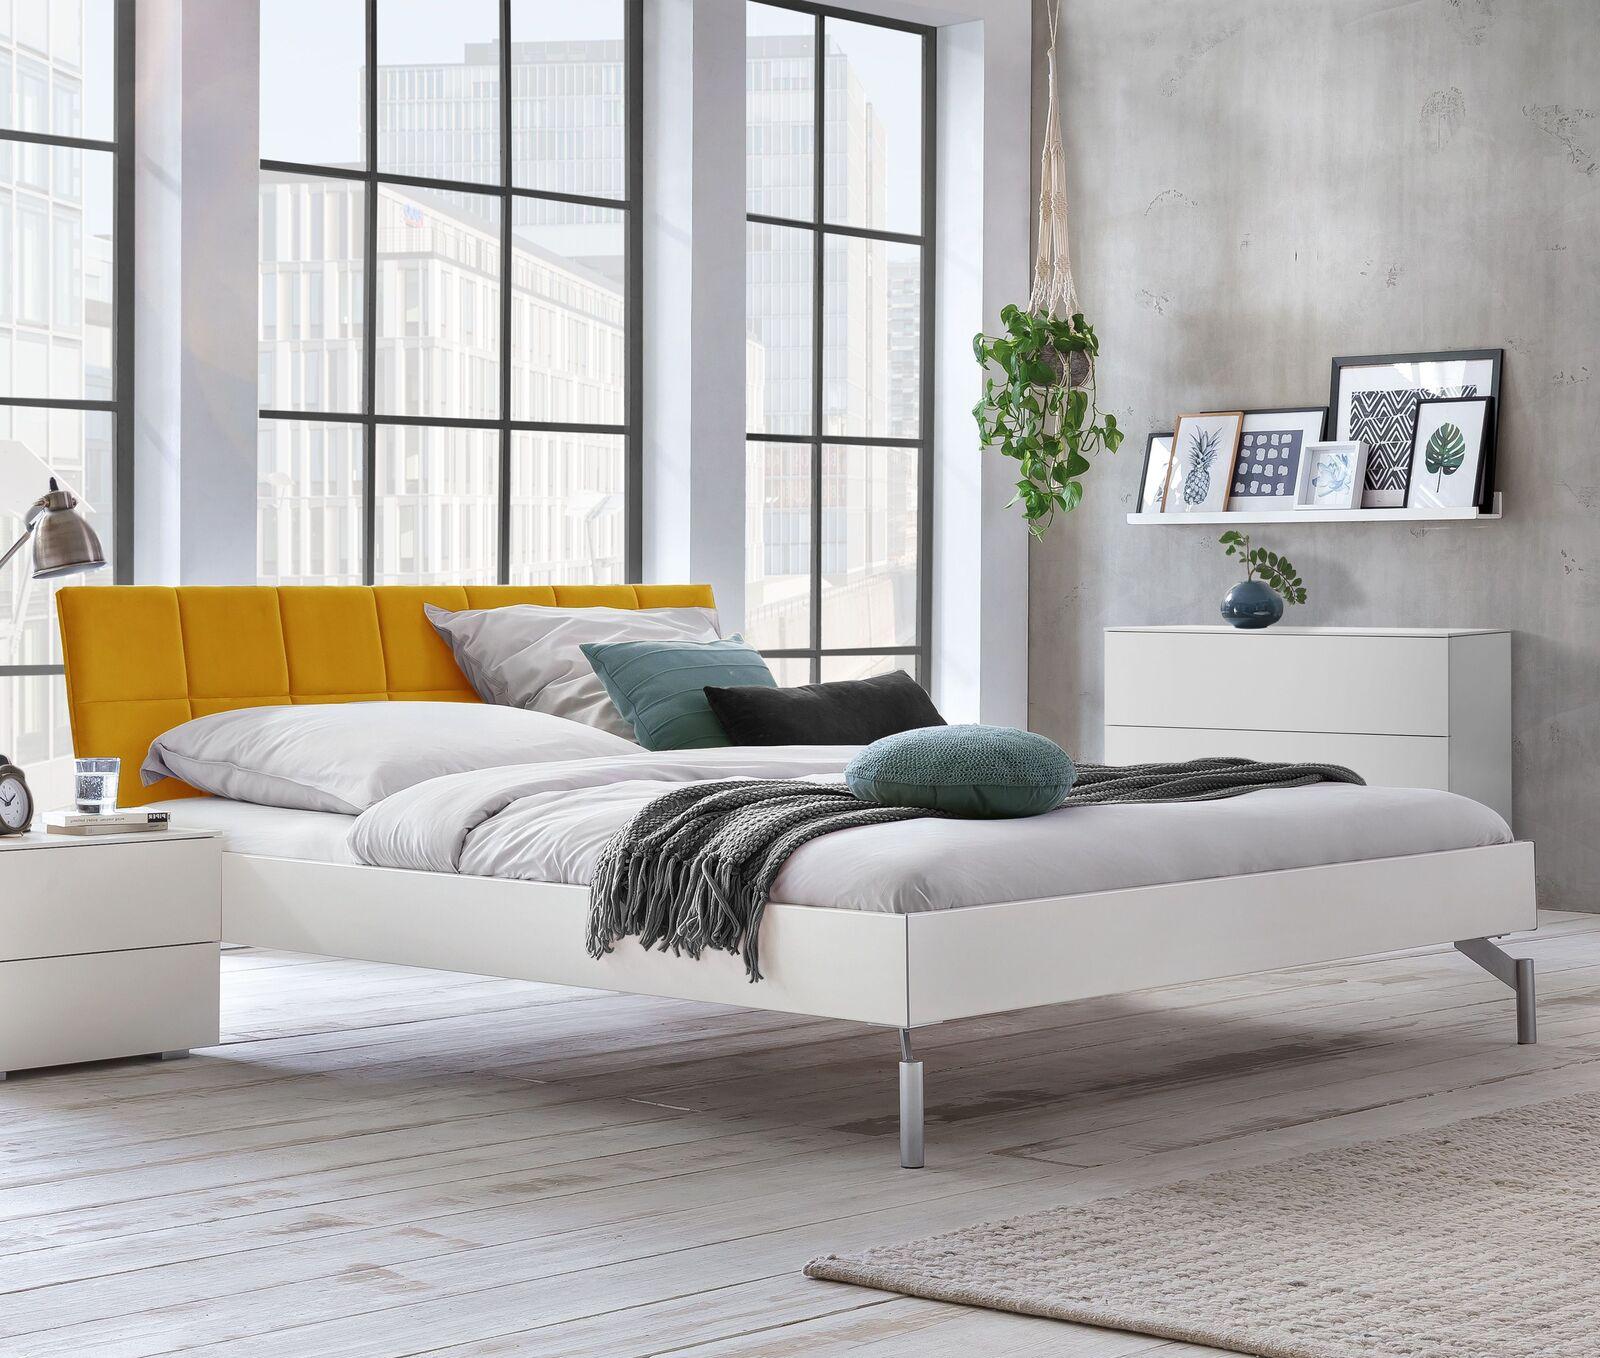 Full Size of Podest Bett Podestbett Bauen Kosten Selber Anleitung 140x200 Lassen Darunter 160x200 Stauraum Podestbetten Diy Mit Betten Modern Design Italienisches Bett Podest Bett